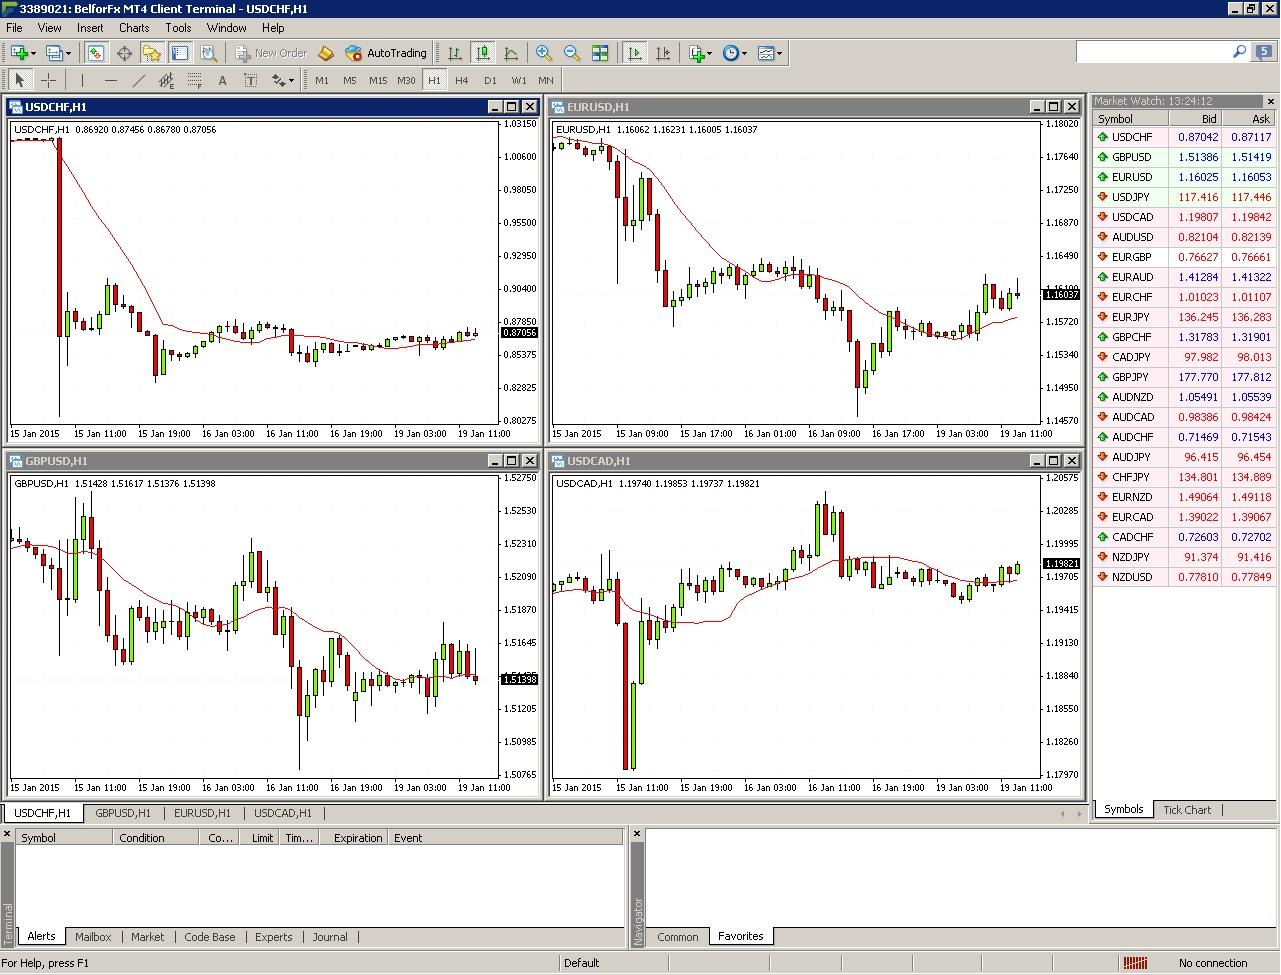 Legit forex trading/pool analysis